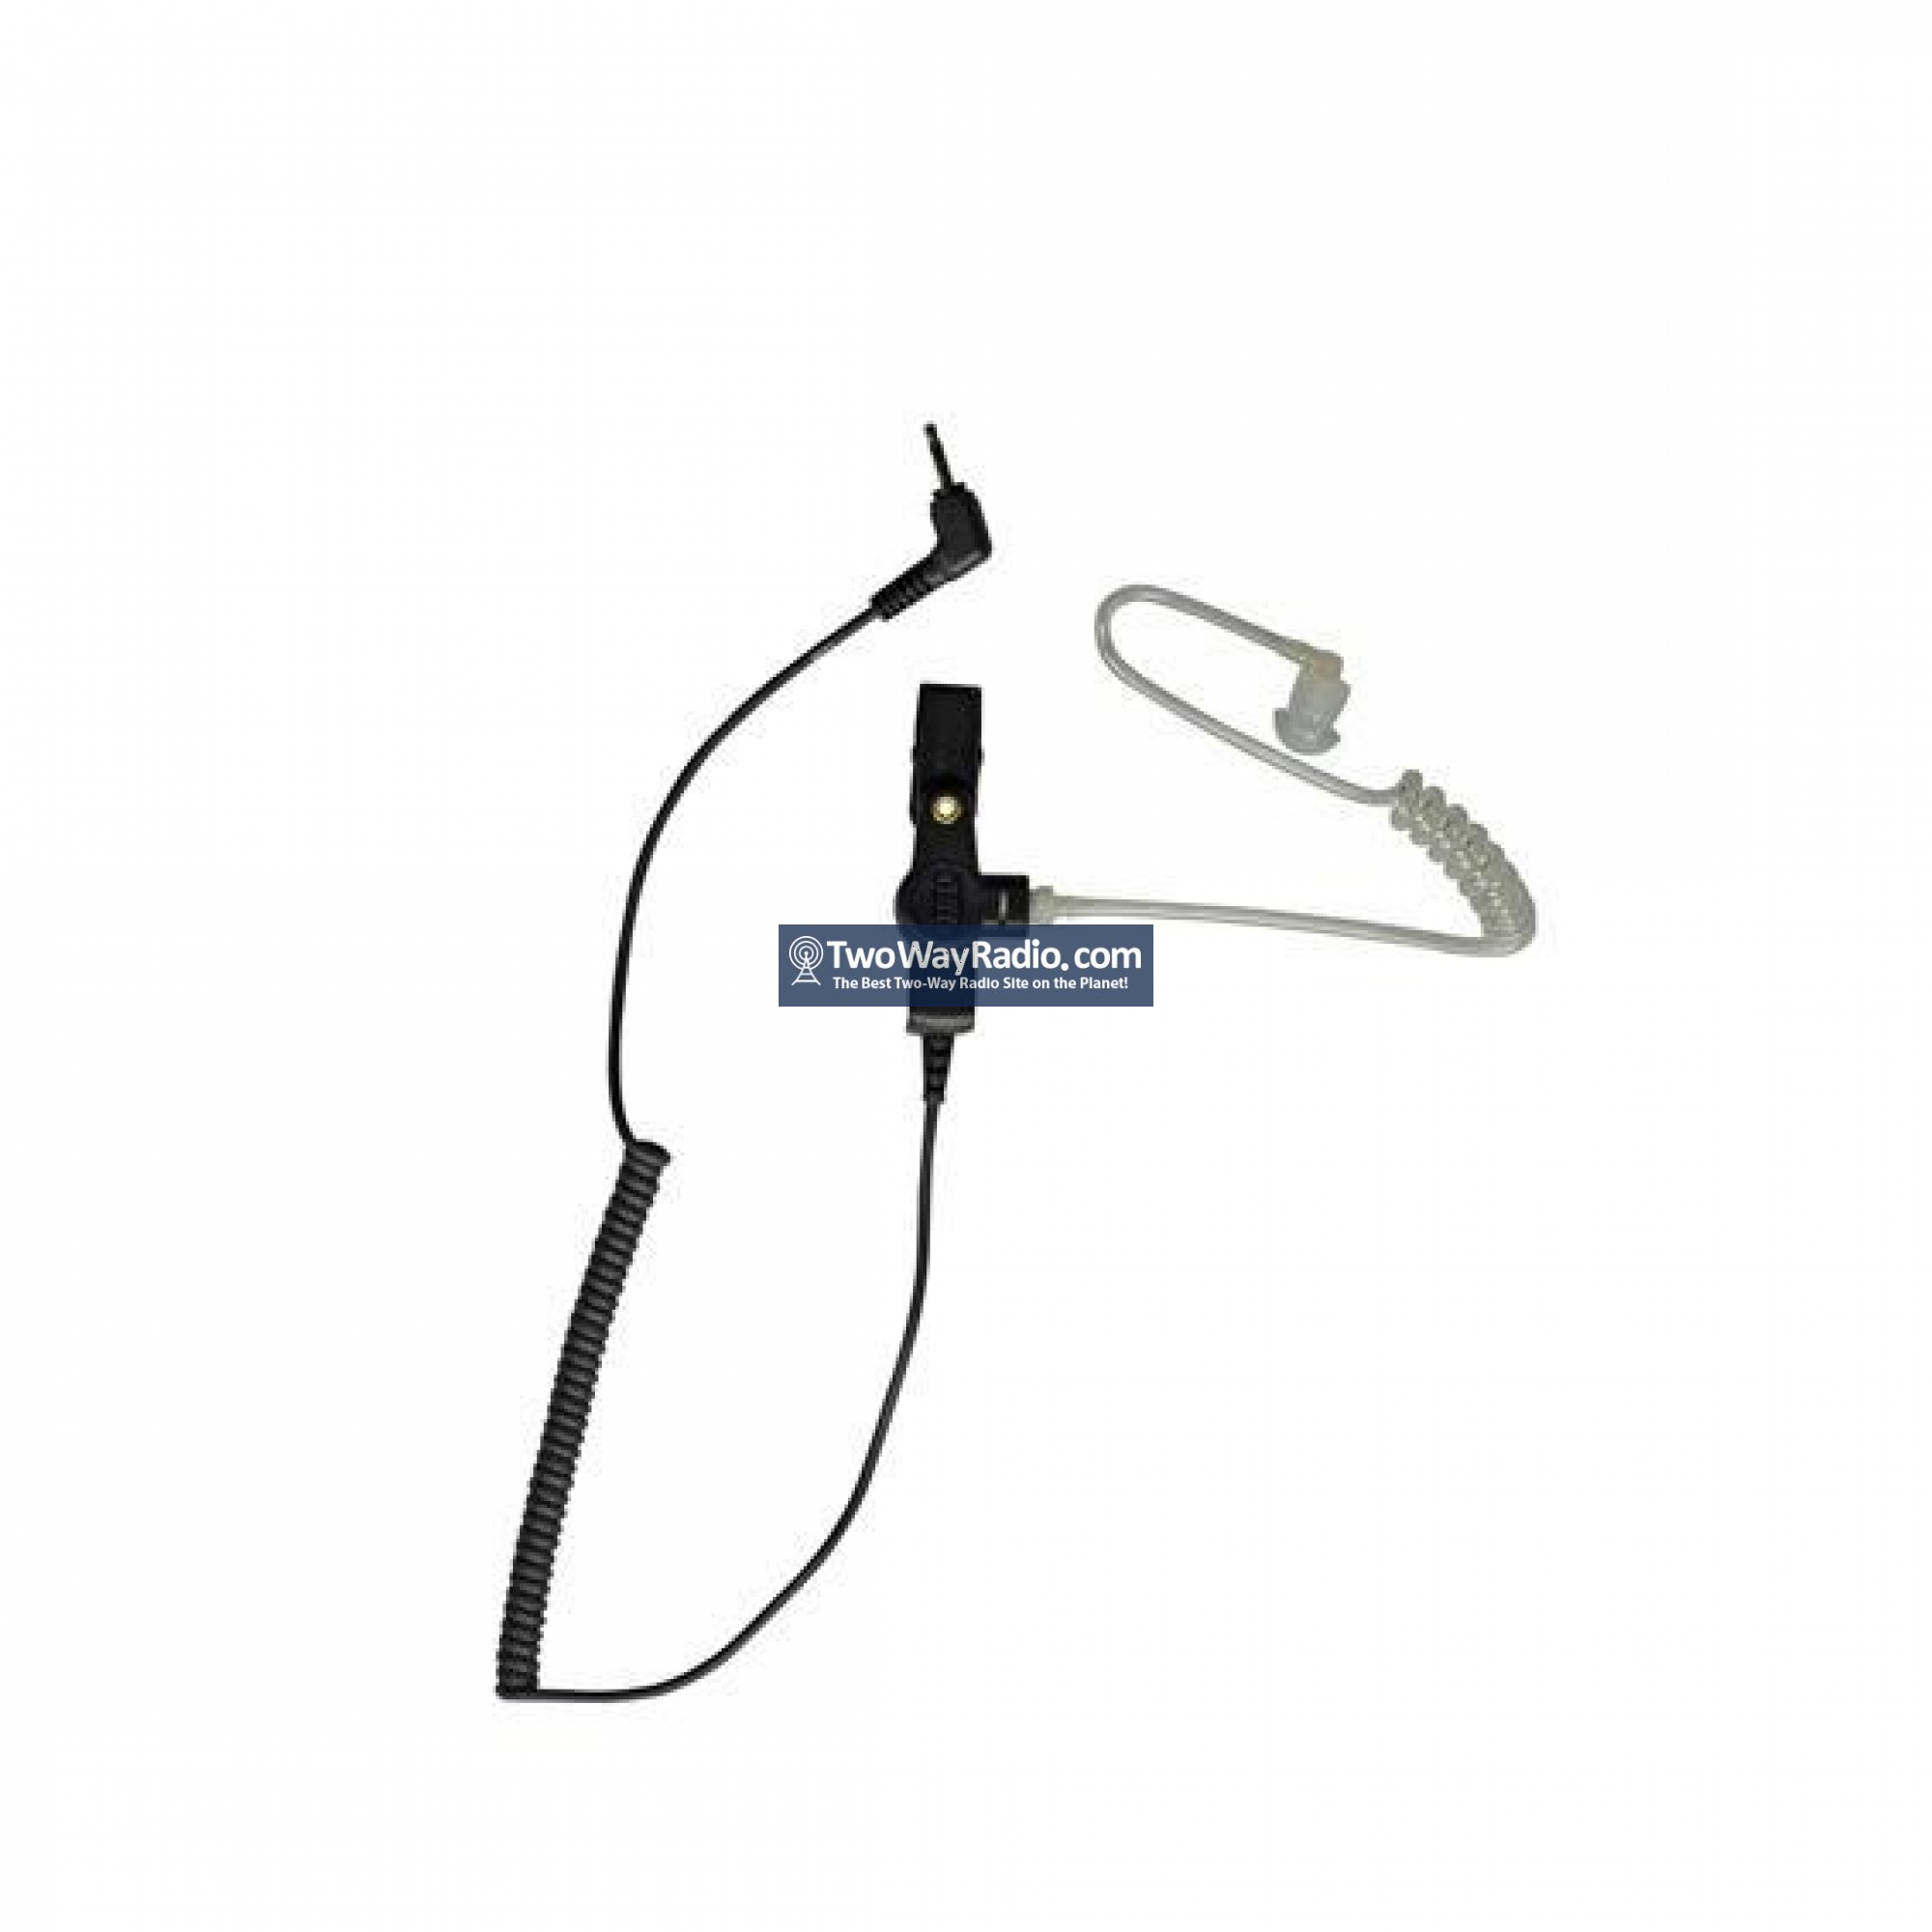 Buy Here Otto V1 S Earphone Kit